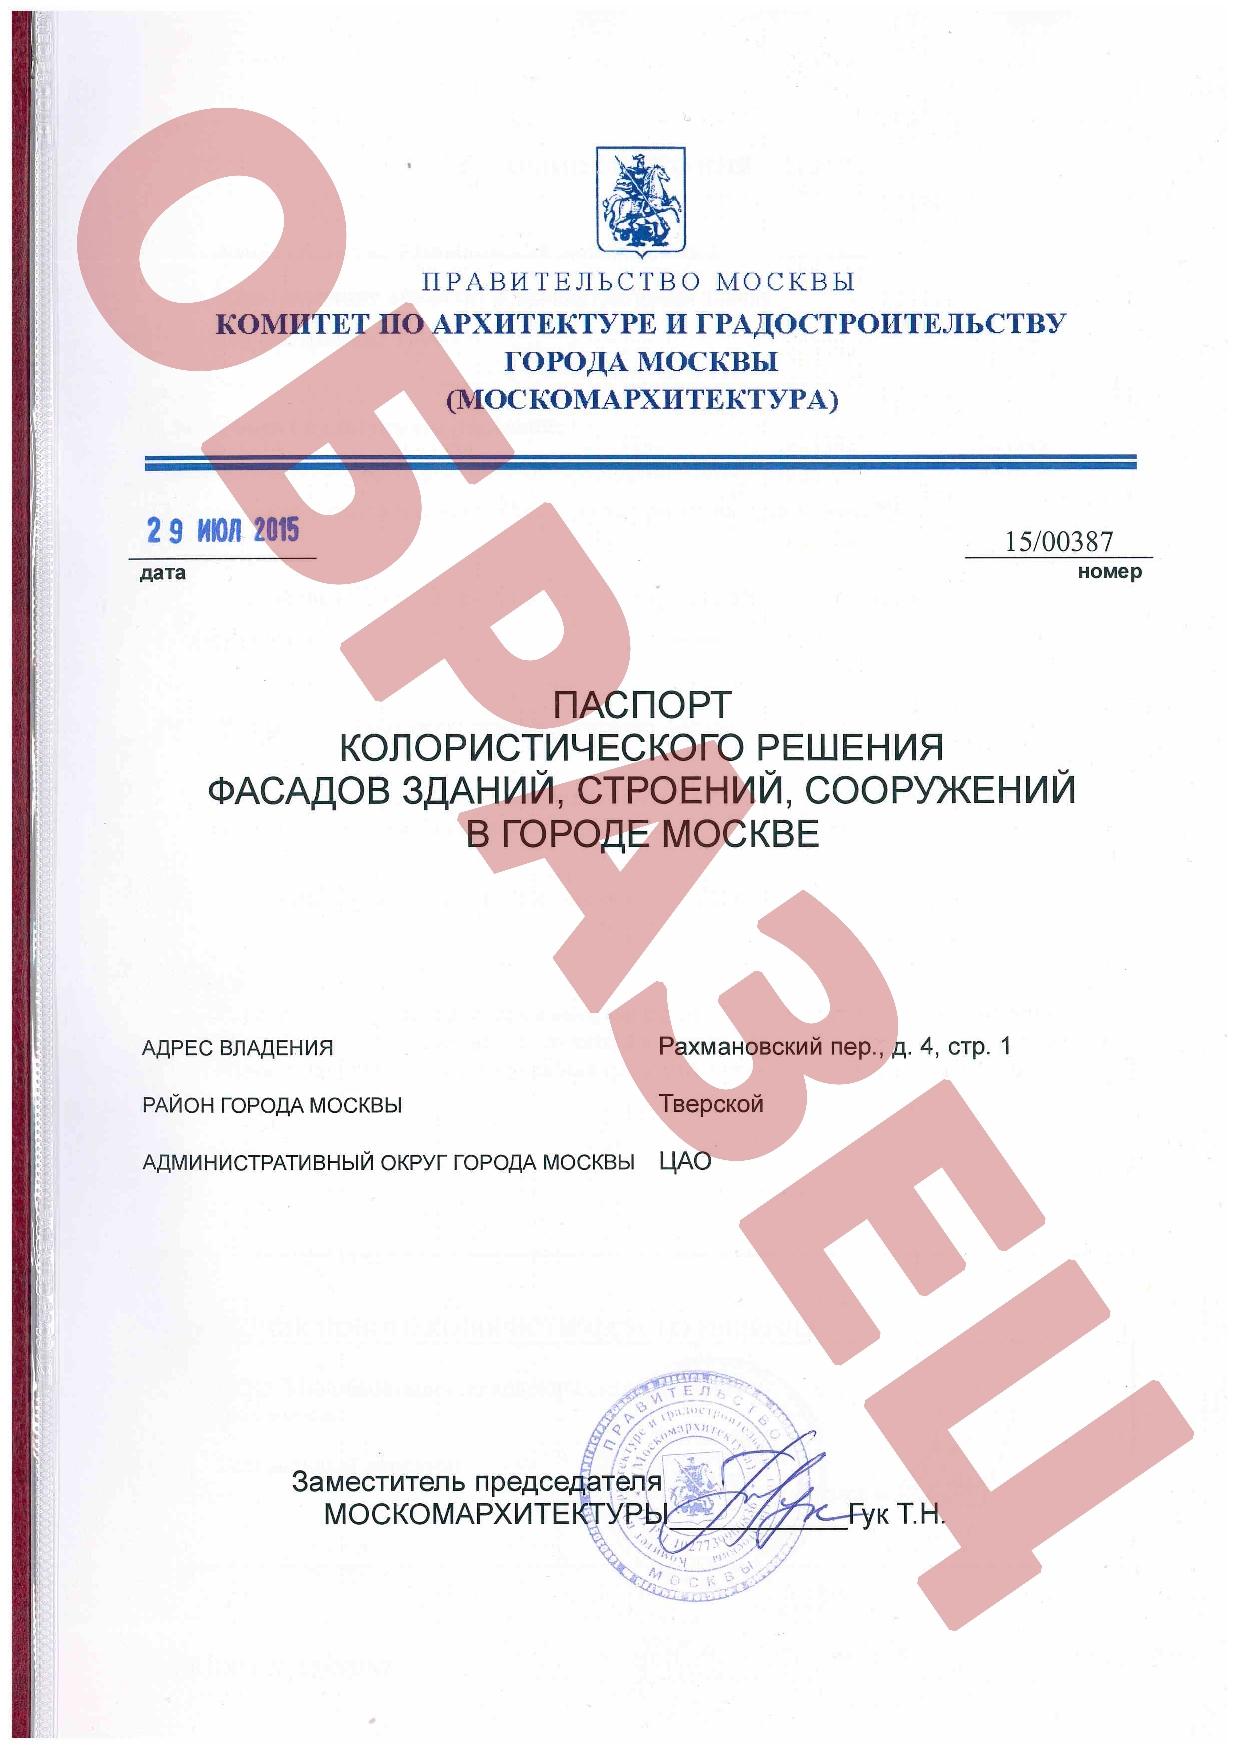 Паспорт колористических решений нужно согласовать в Москомархитектуре.